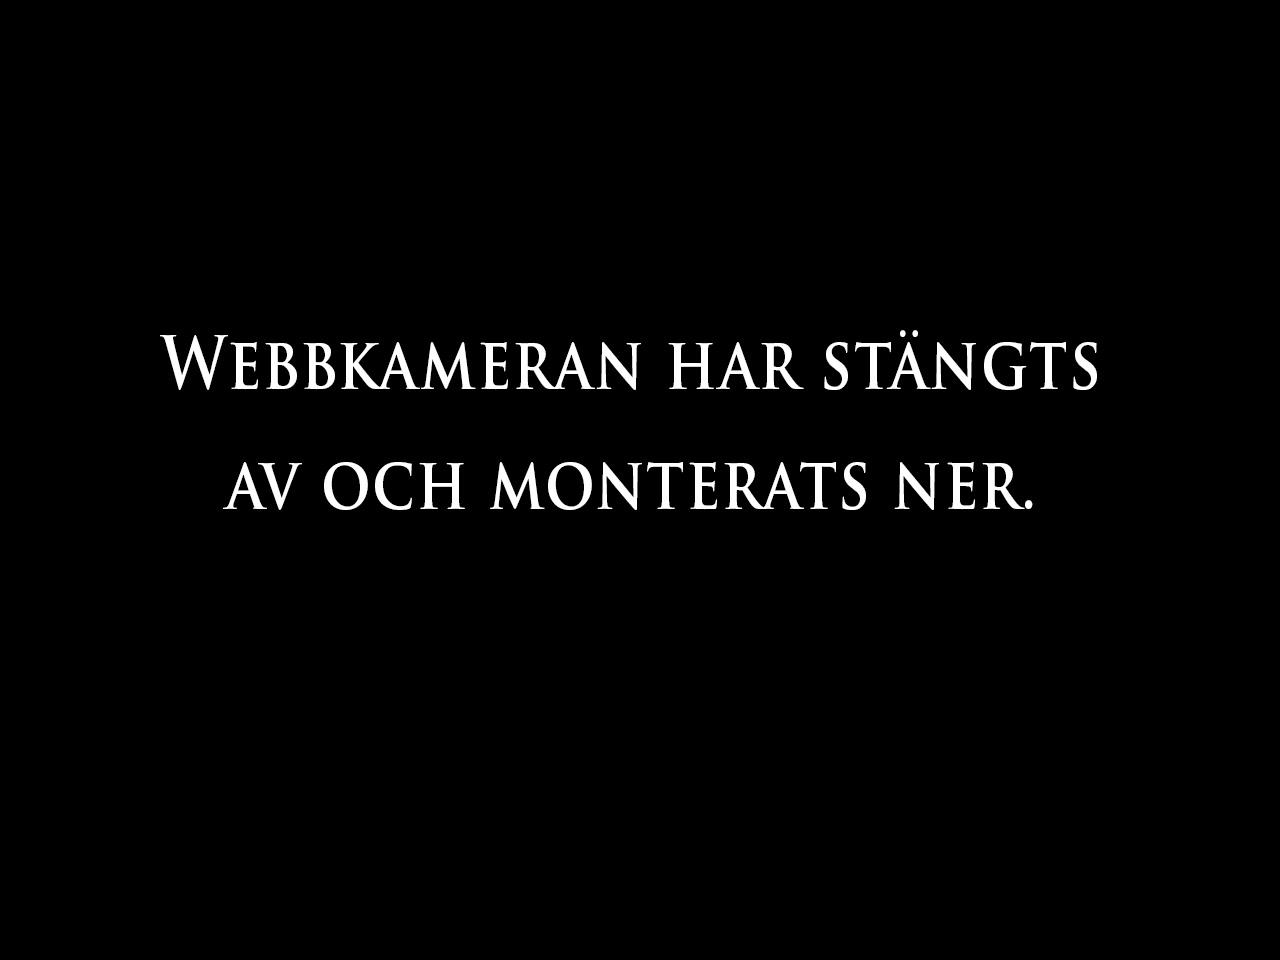 Webbkamera - Sthlm New, Hammarby sjöstad